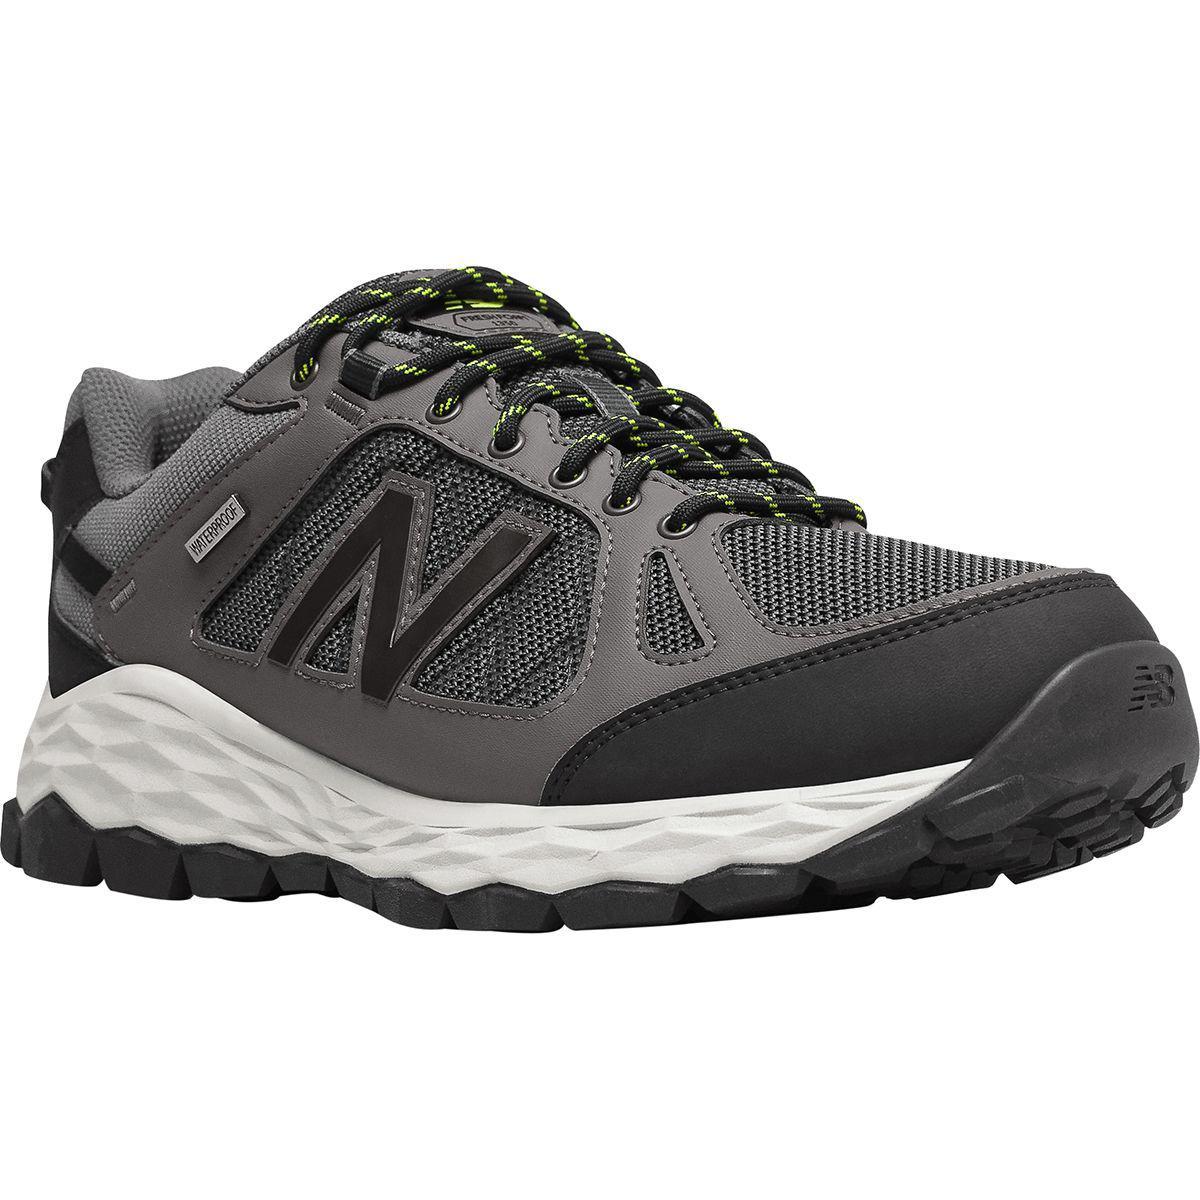 Fresh Foam 1350 V1 Walking Shoe in Grey